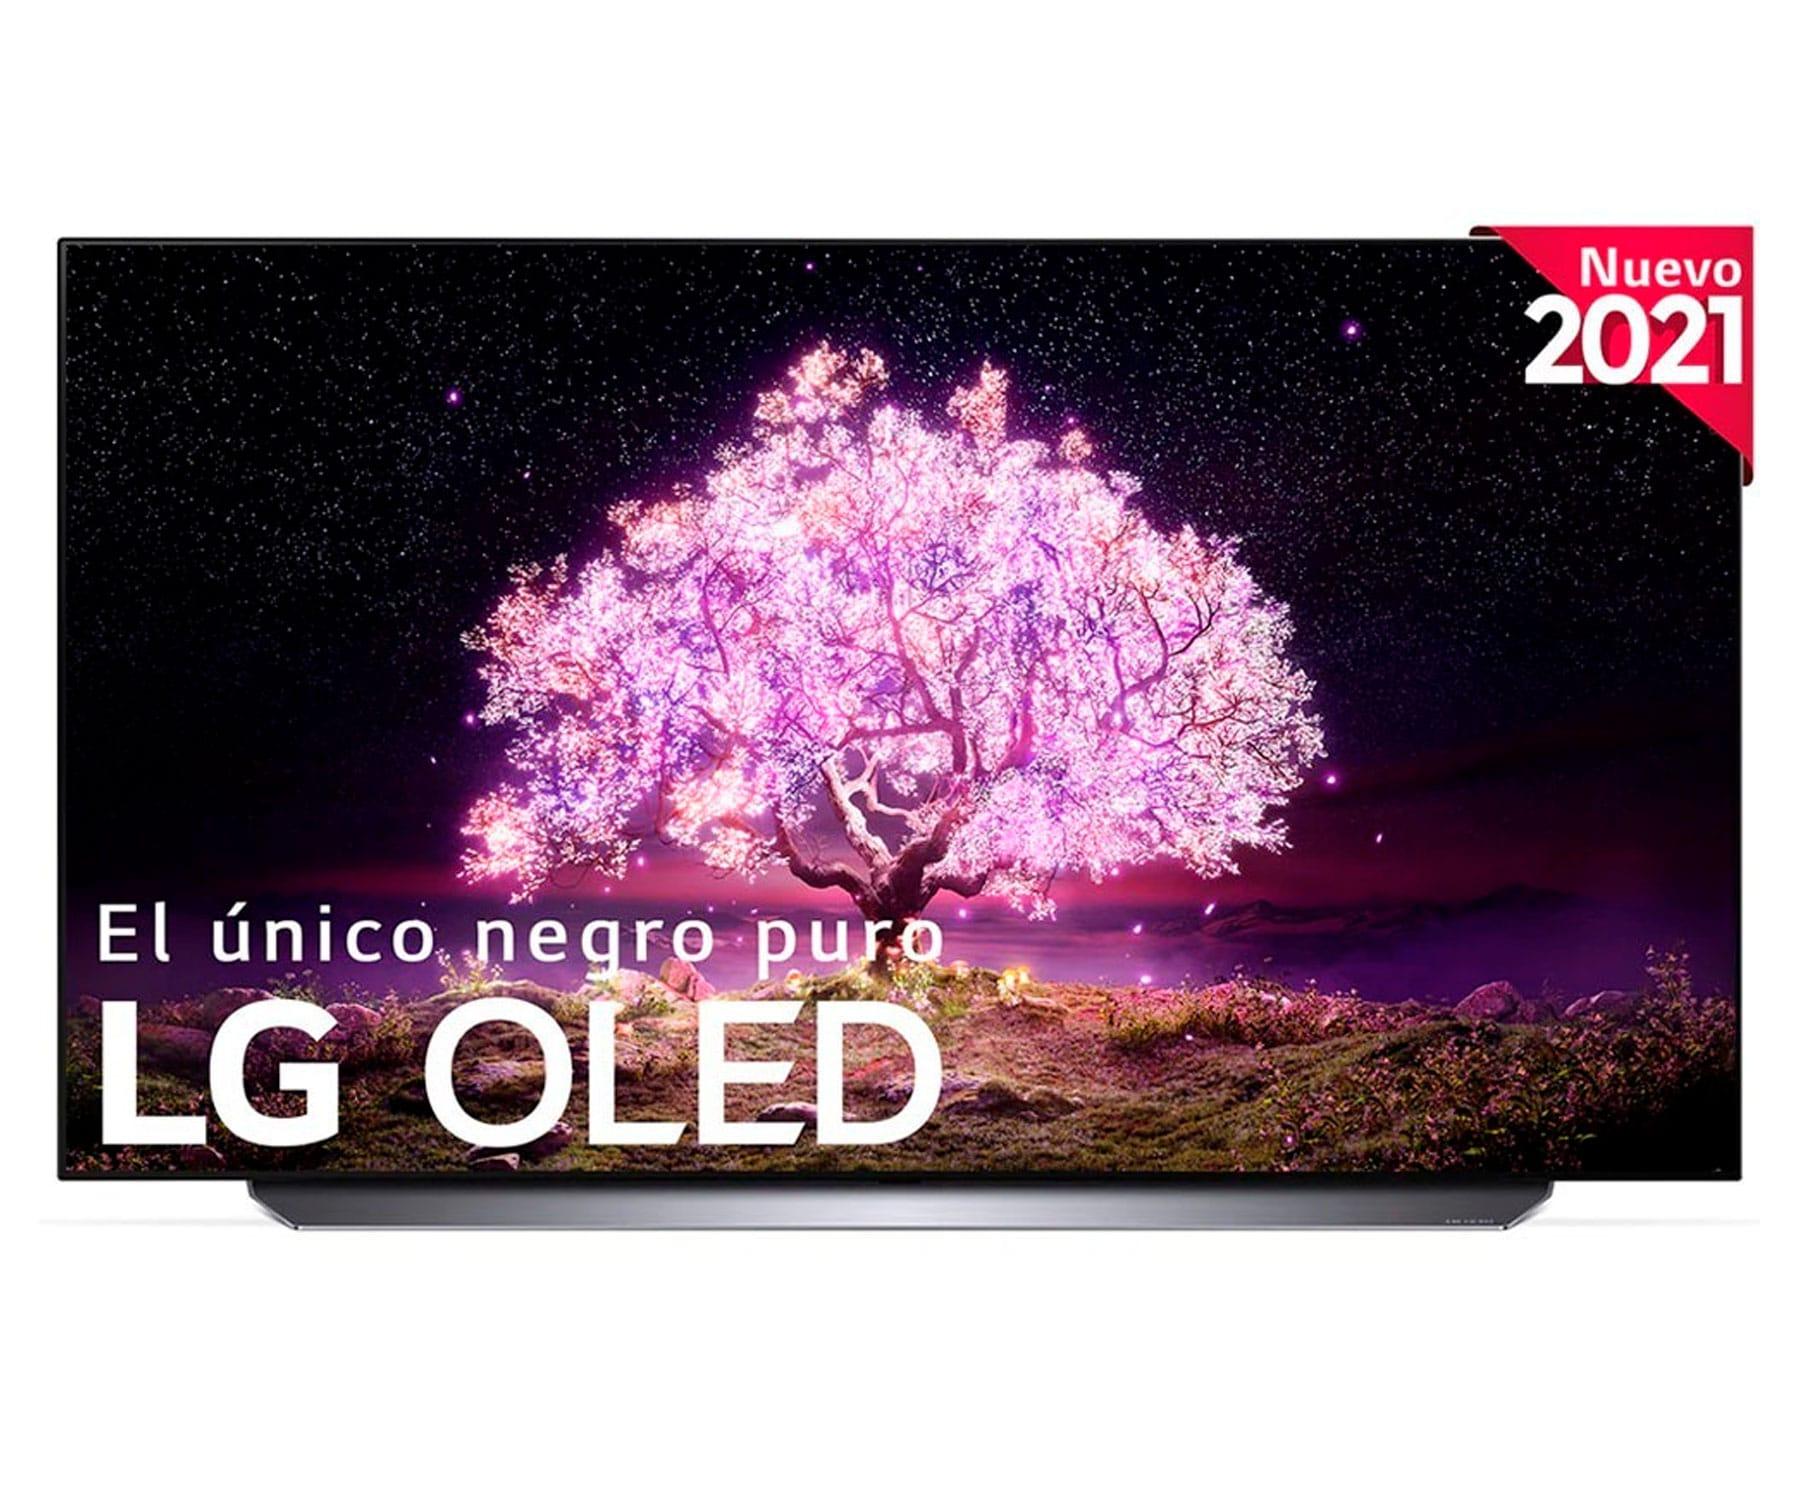 """LG 65C14LB 4K OLED 65""""/SMARTTV/WEBOS 6.0/PROCESADOR INTELIGENTE 4K Α9 GEN4/AI/HDR DOLBY VISION/DOLBY ATMOS"""